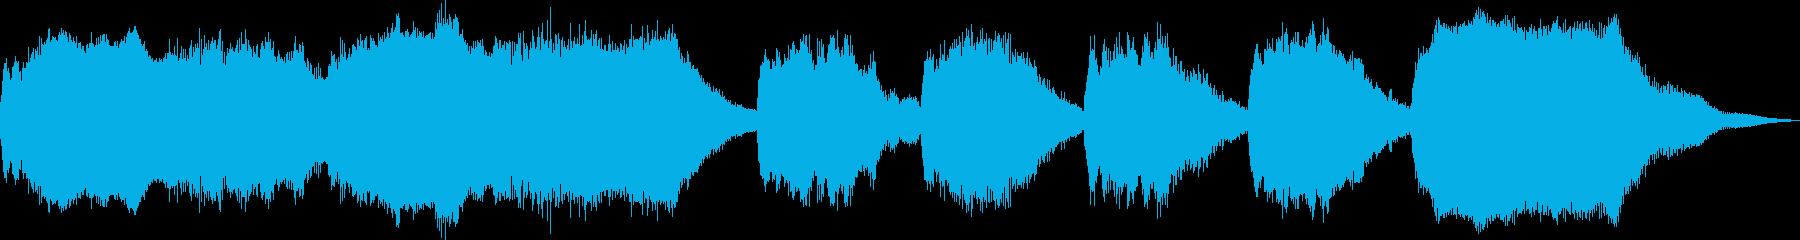 パイプオルガン系30秒ジングルの再生済みの波形